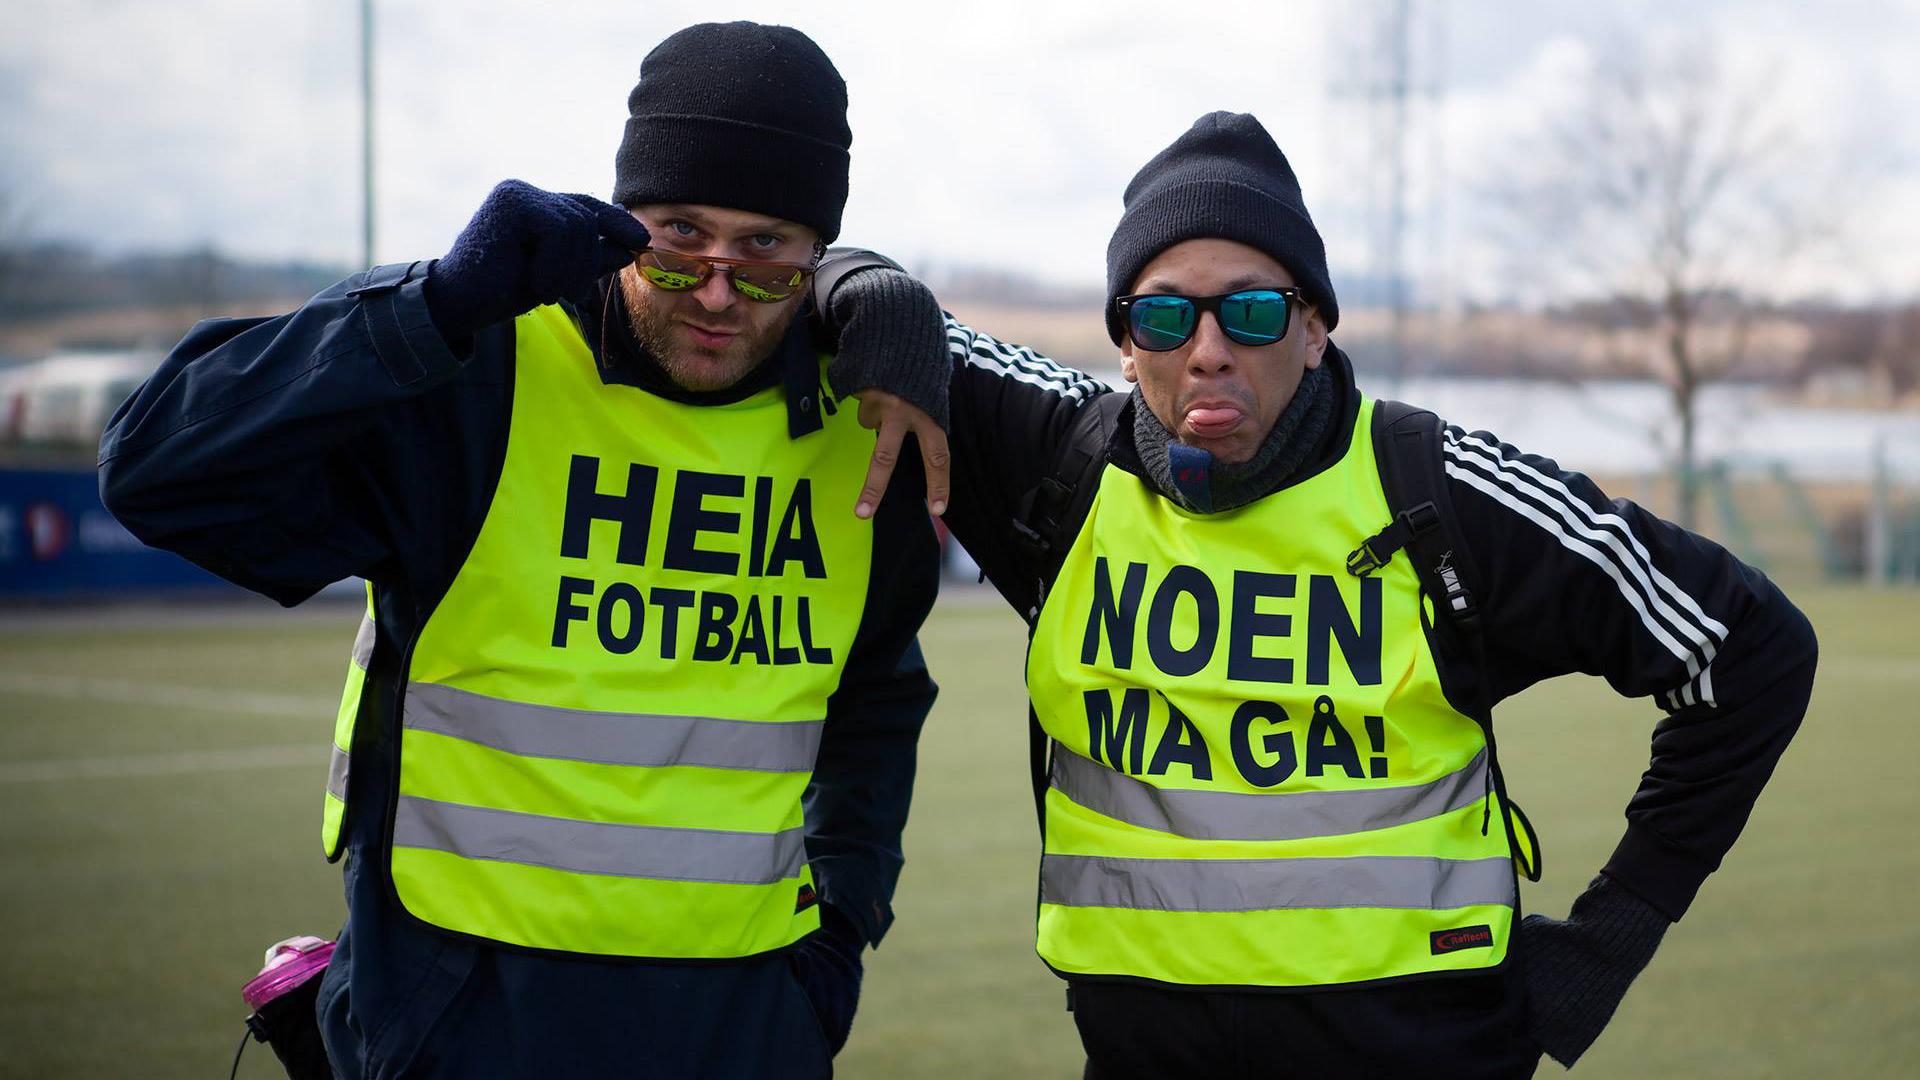 Heia Fotball gjør det igjen